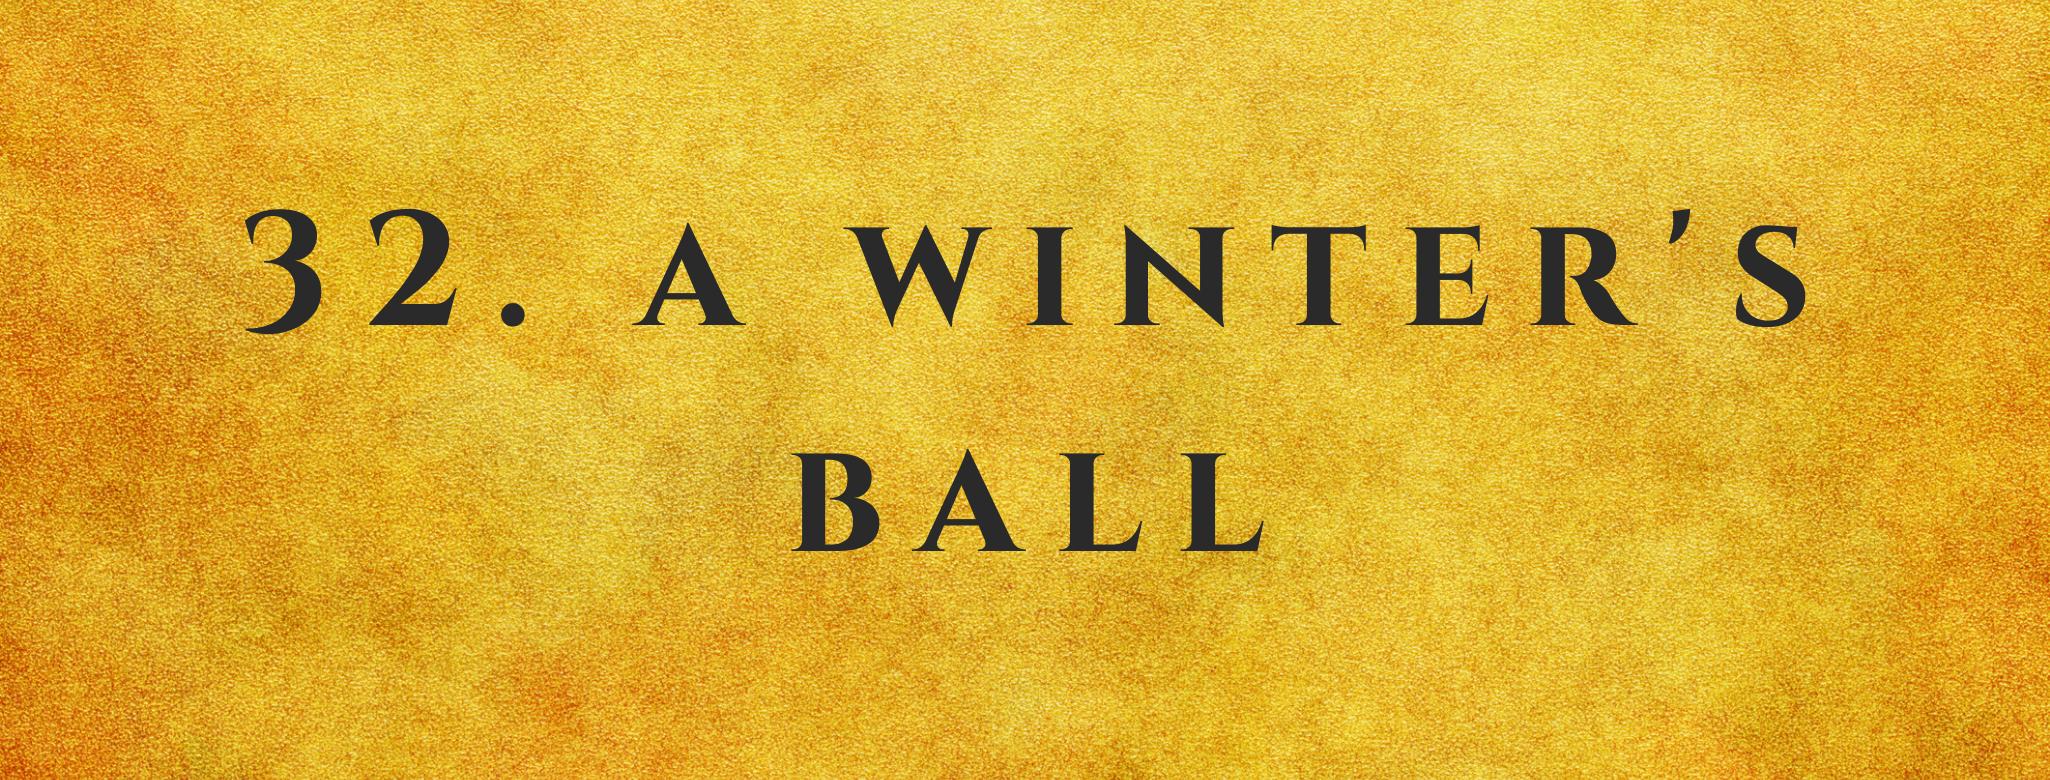 #32 A Winter's Ball